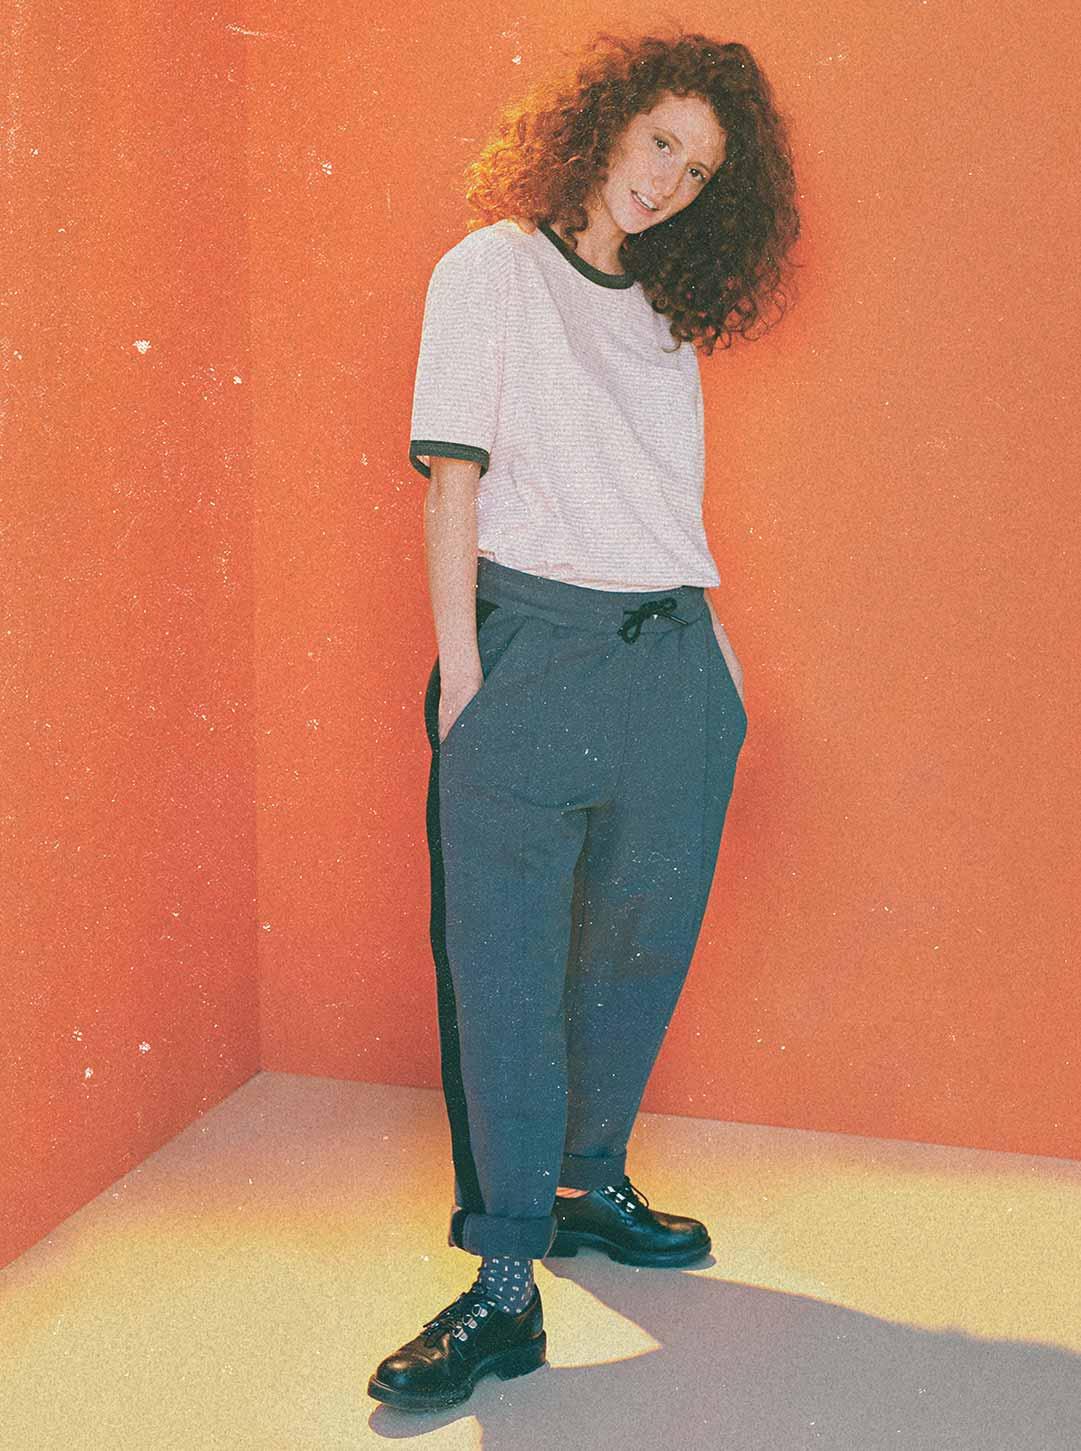 Alter, die neue Kollektion von Manaliso | Streetwear aus Berlin | Foto: Manaliso | GROSS∆RTIG